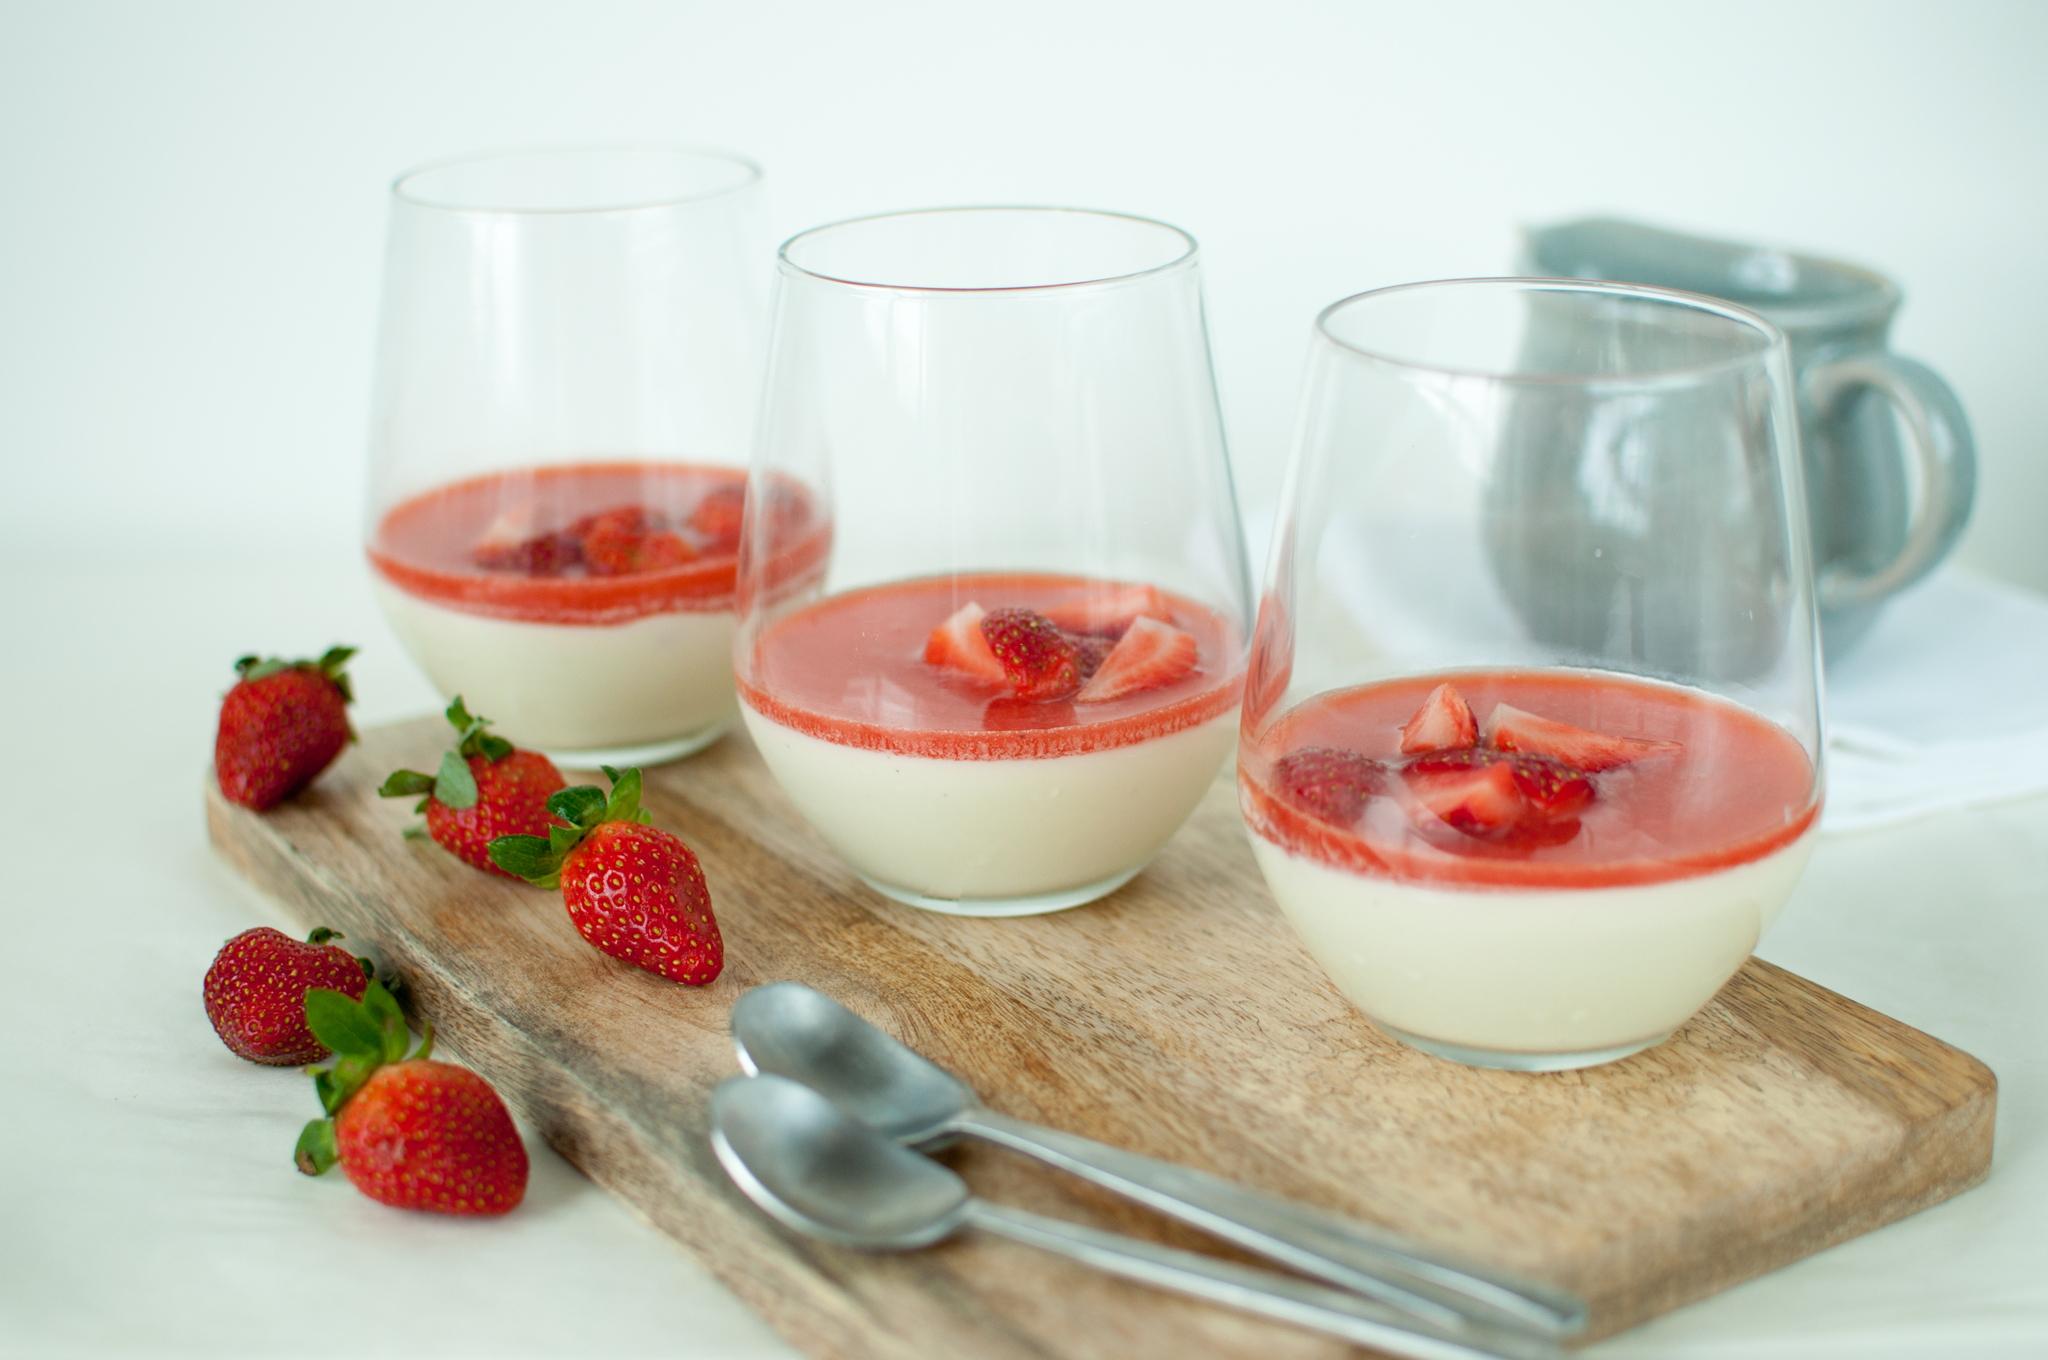 jordbær panna cotta